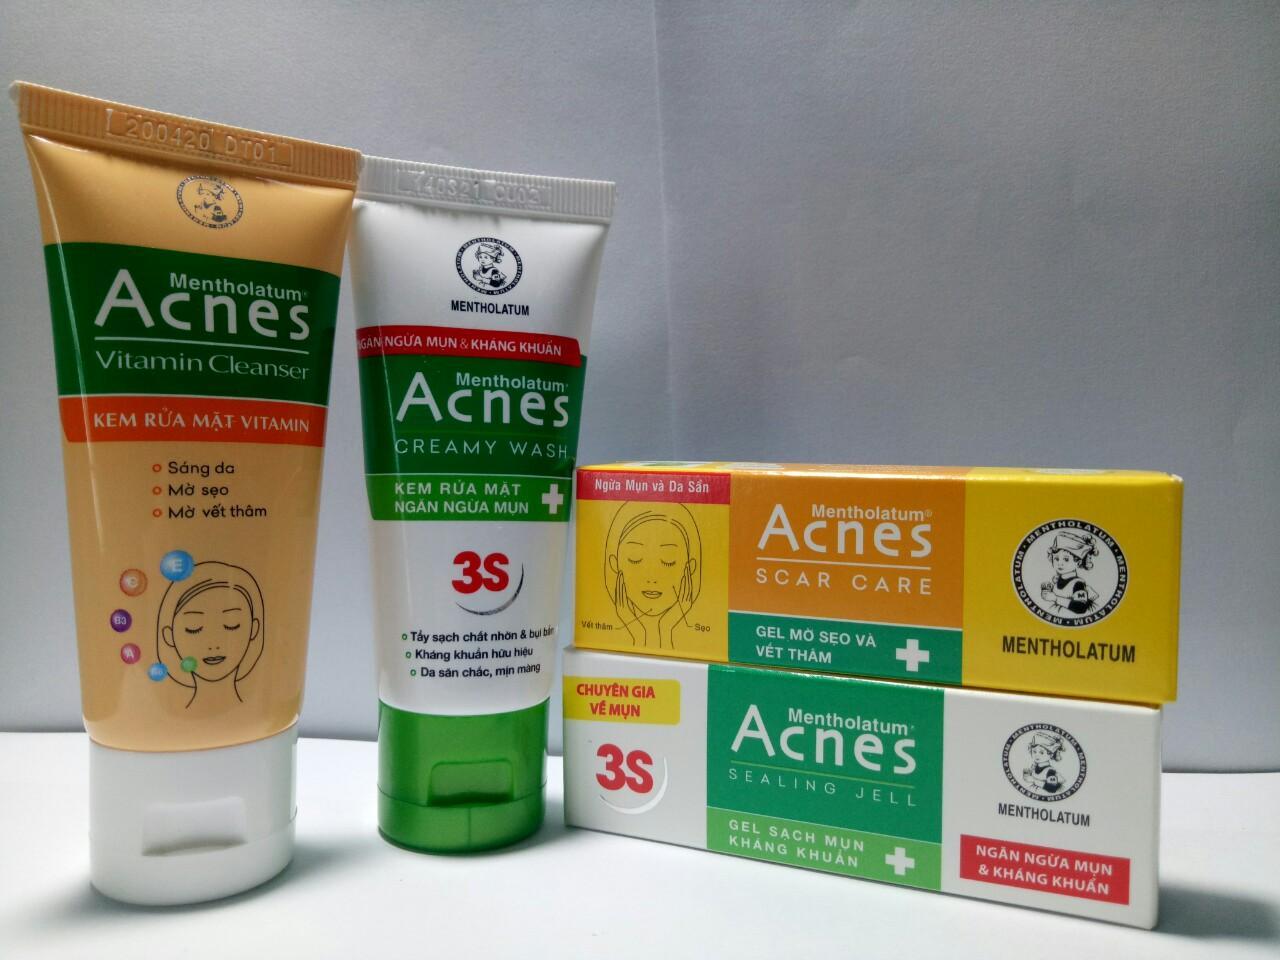 Trọn bộ 4 món trị mụn - tặng 5 gói sữa tắm dâu tằm 6g : 2tuýt sữa rửa mặt AcneS trị mụn 25g + 2tuýt Gell trị mụn 2g (HÀNG KM) nhập khẩu